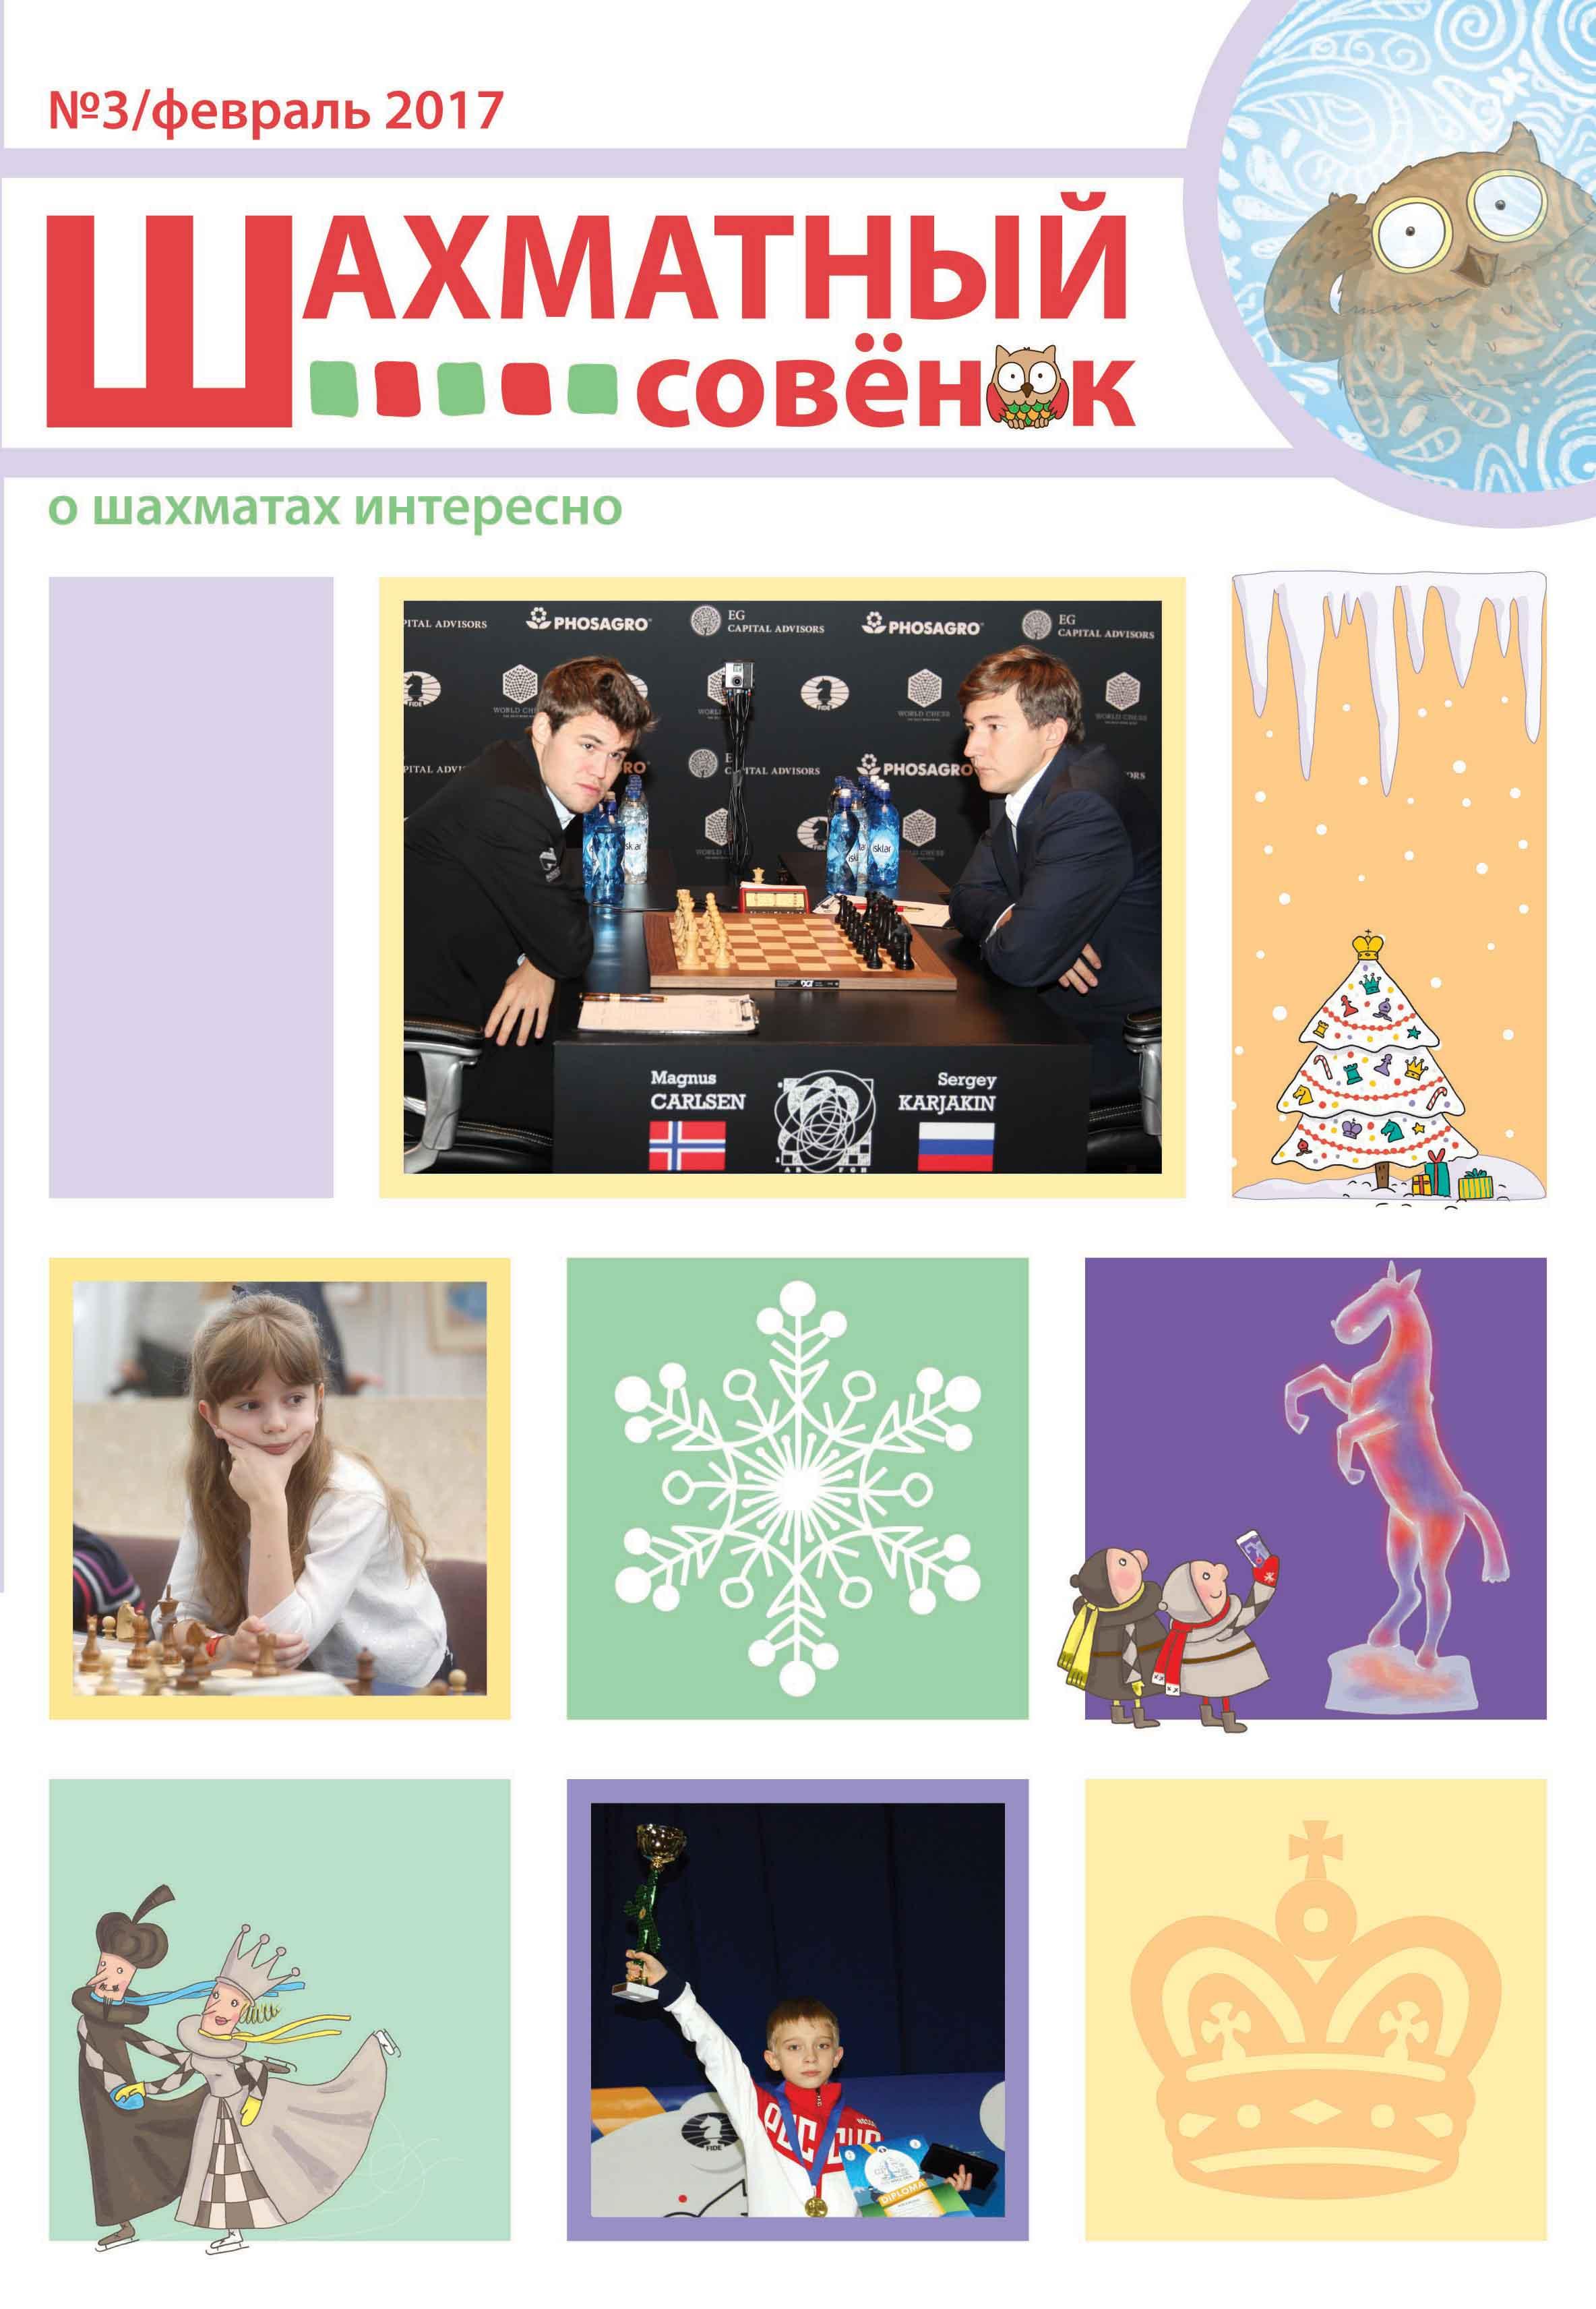 Журнал Шахматный совенок официальный сайт второй выпуск